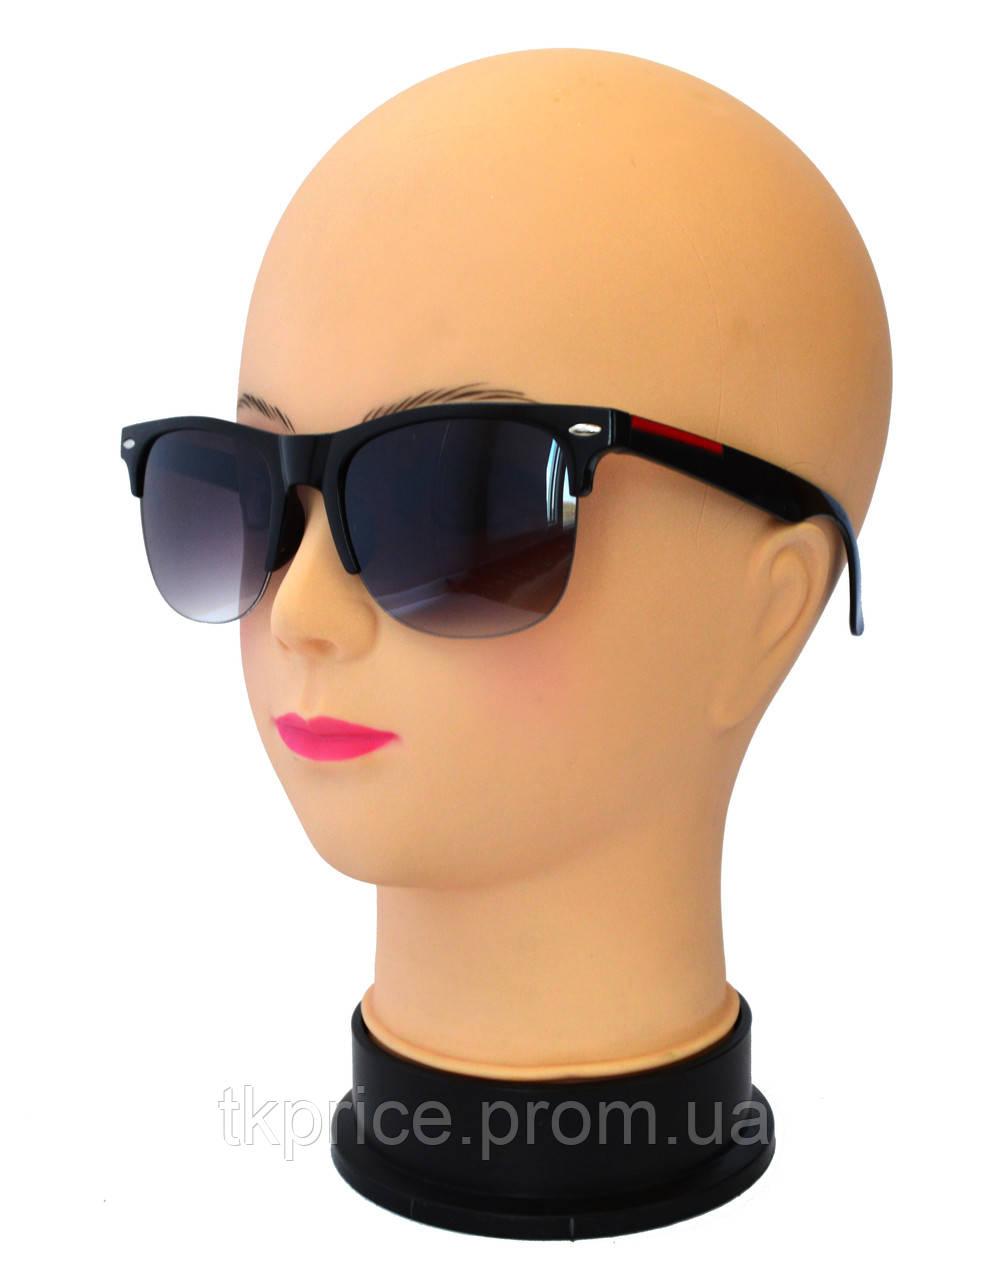 Женские солнцезащитные очки Wayfarer